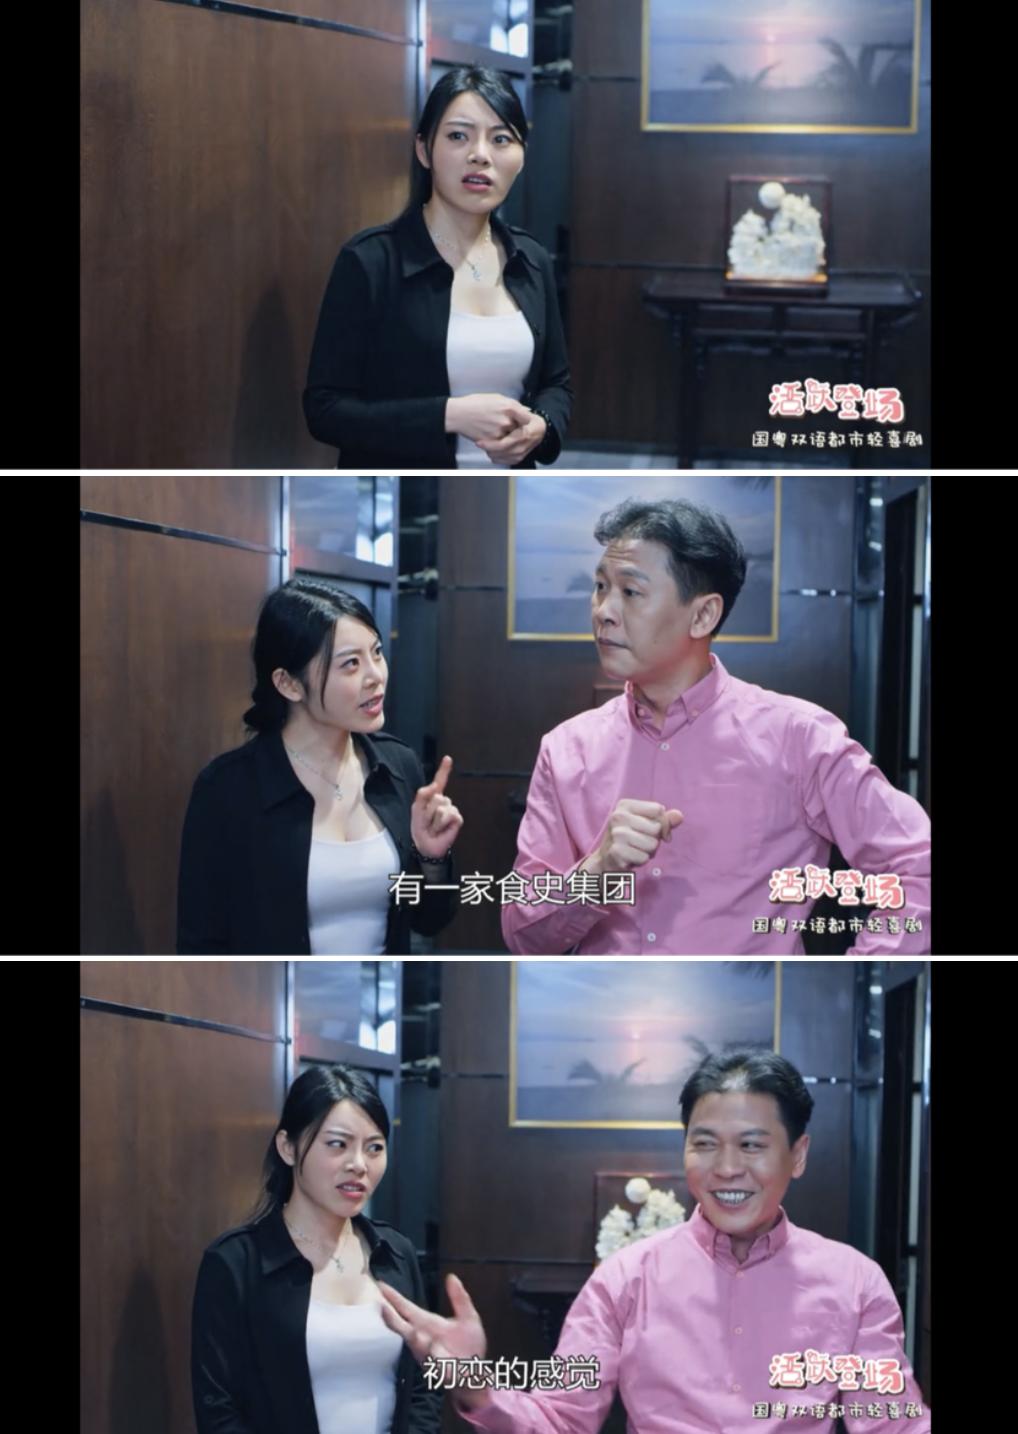 微电影《活跃登场》陈慧凌饰演职场精英女秘书